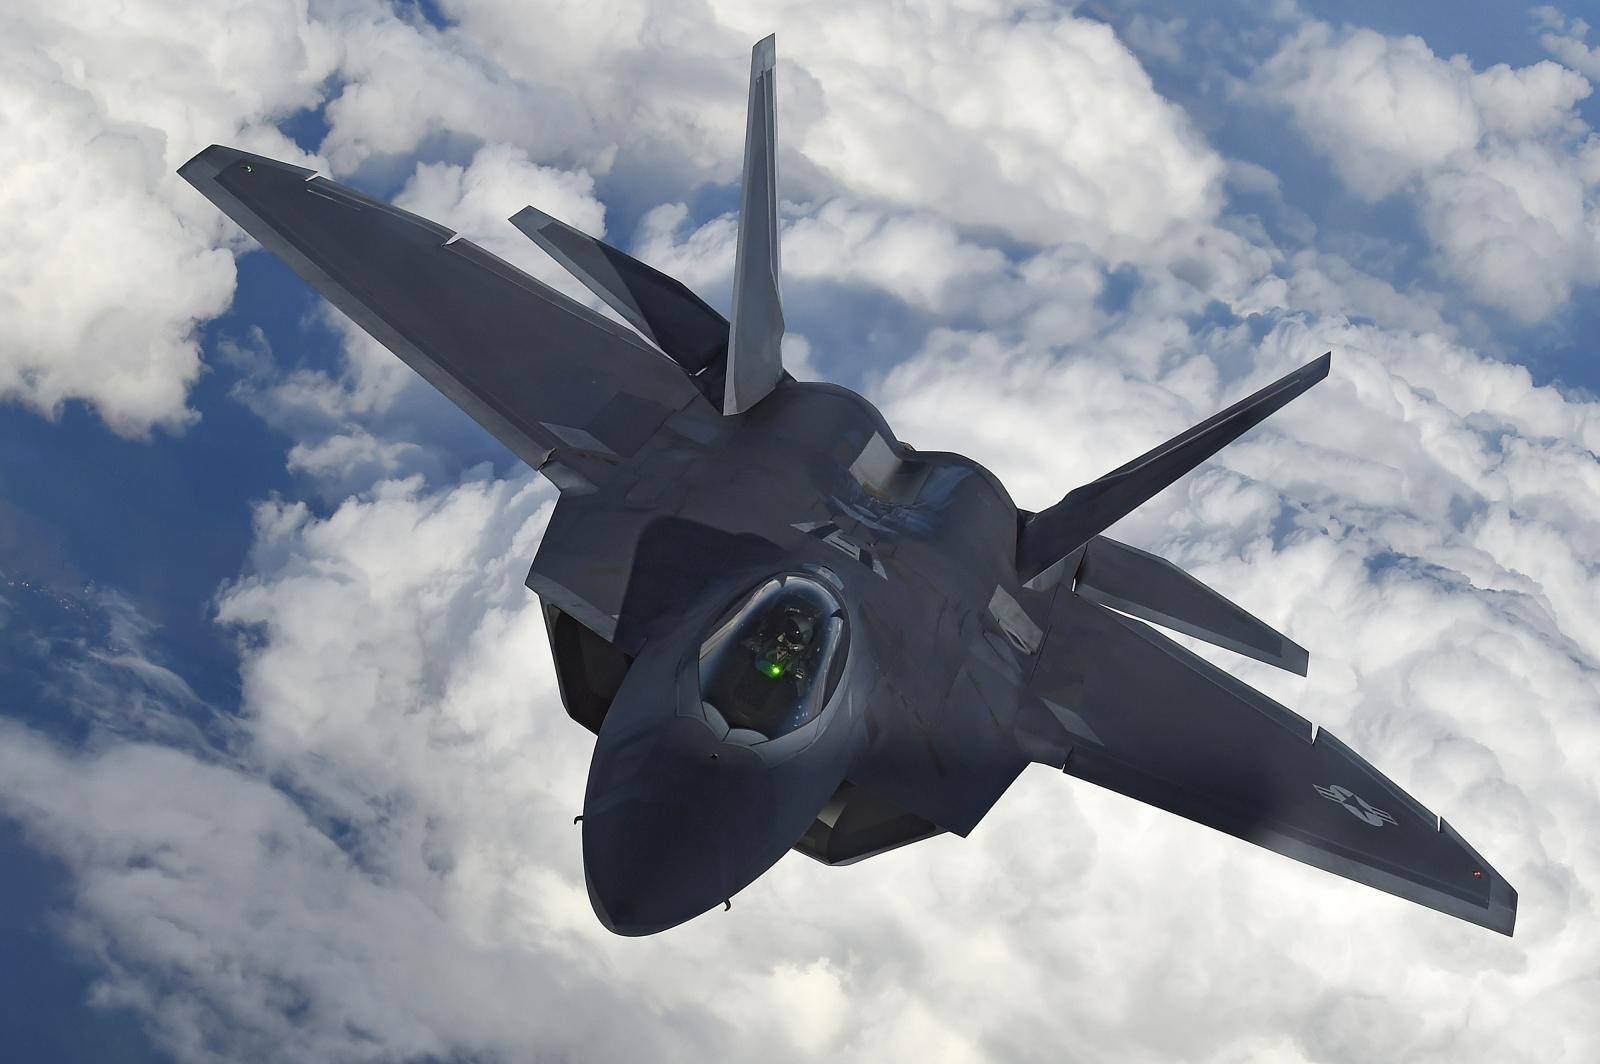 US F-22 Raptor fighter jet